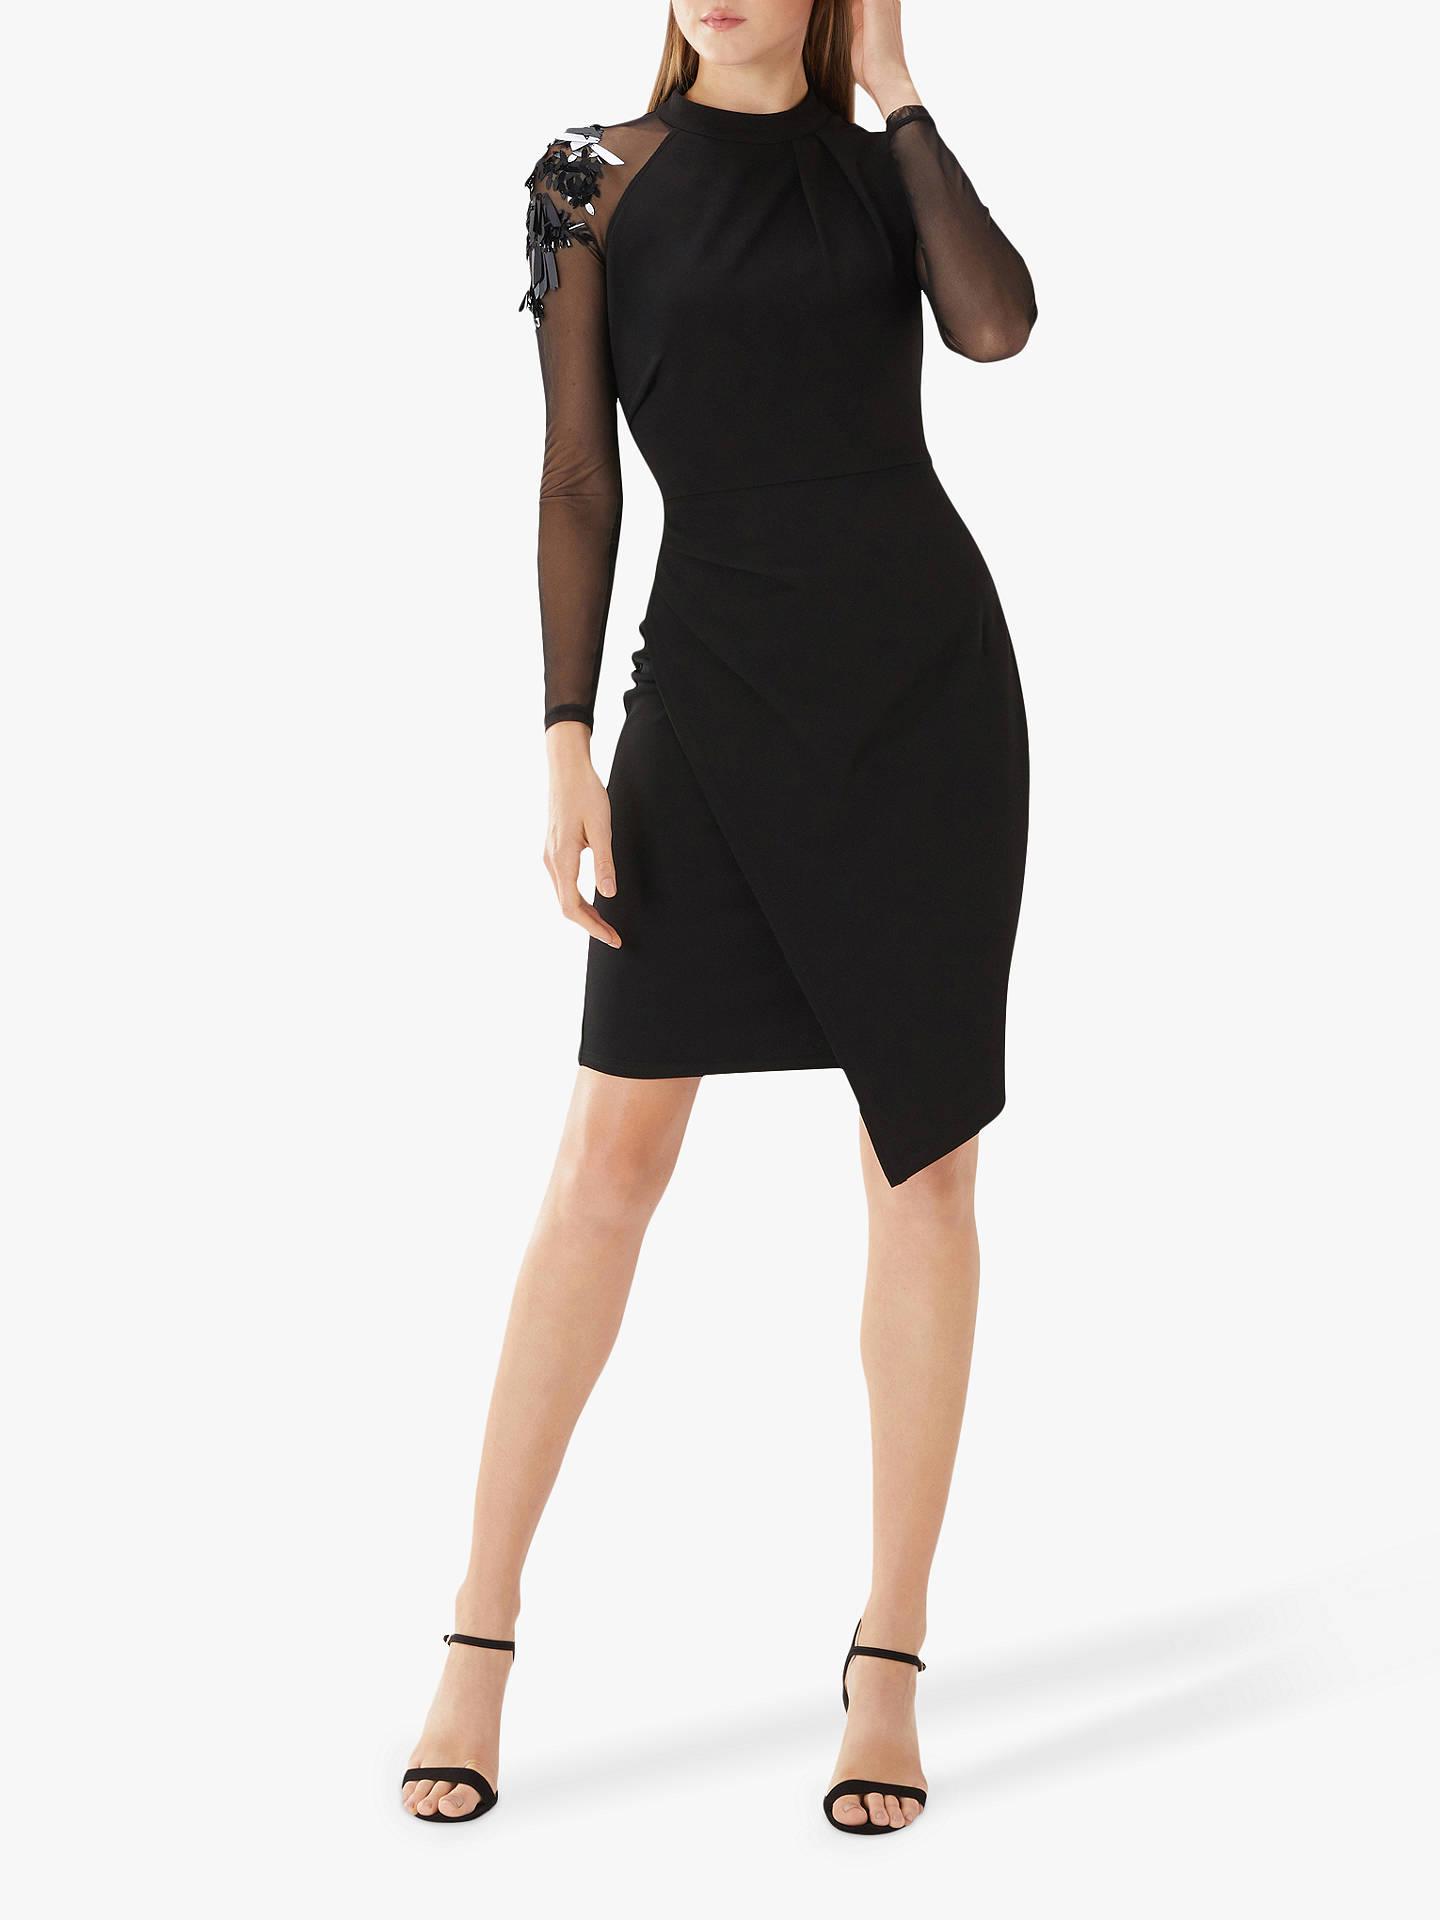 790cc192d691 ... Buy Coast Torville Cocktail Embellished Dress, Black, 6 Online at  johnlewis.com ...